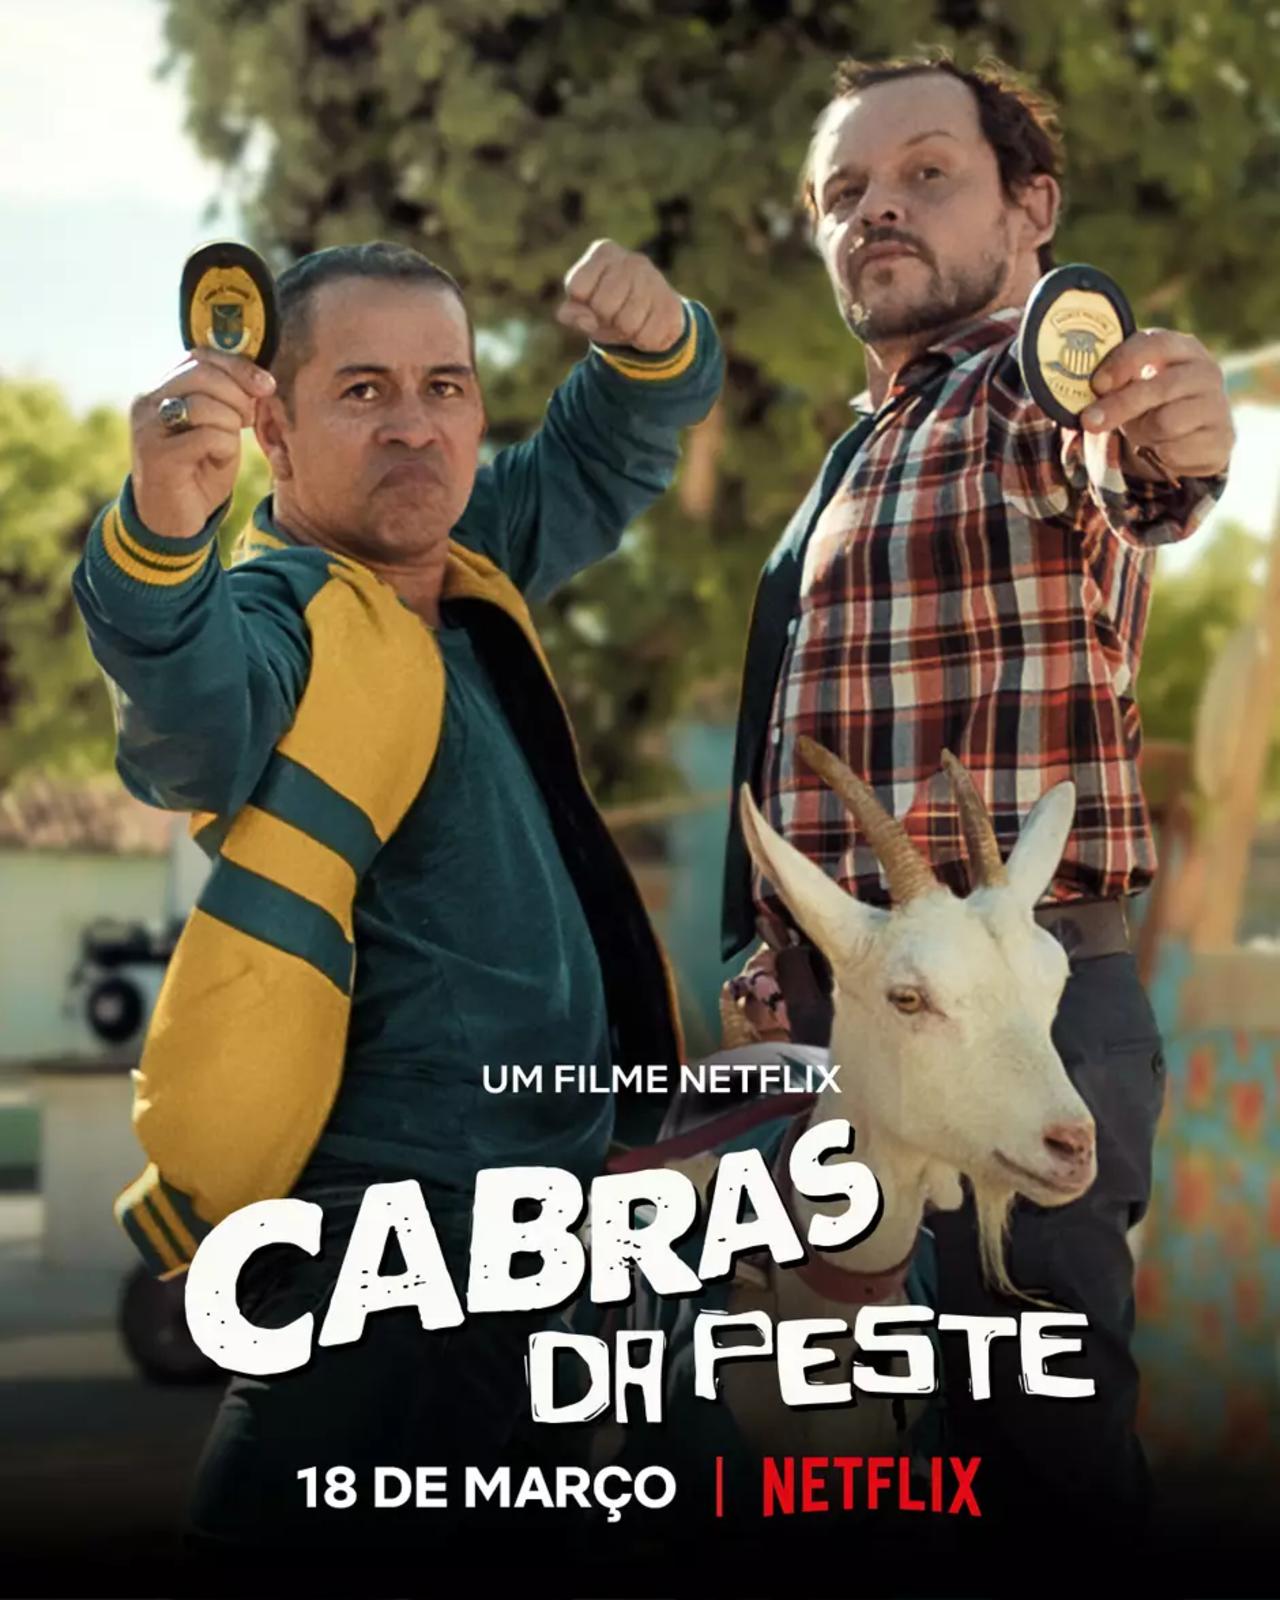 Netflix - CABRAS DA PESTE